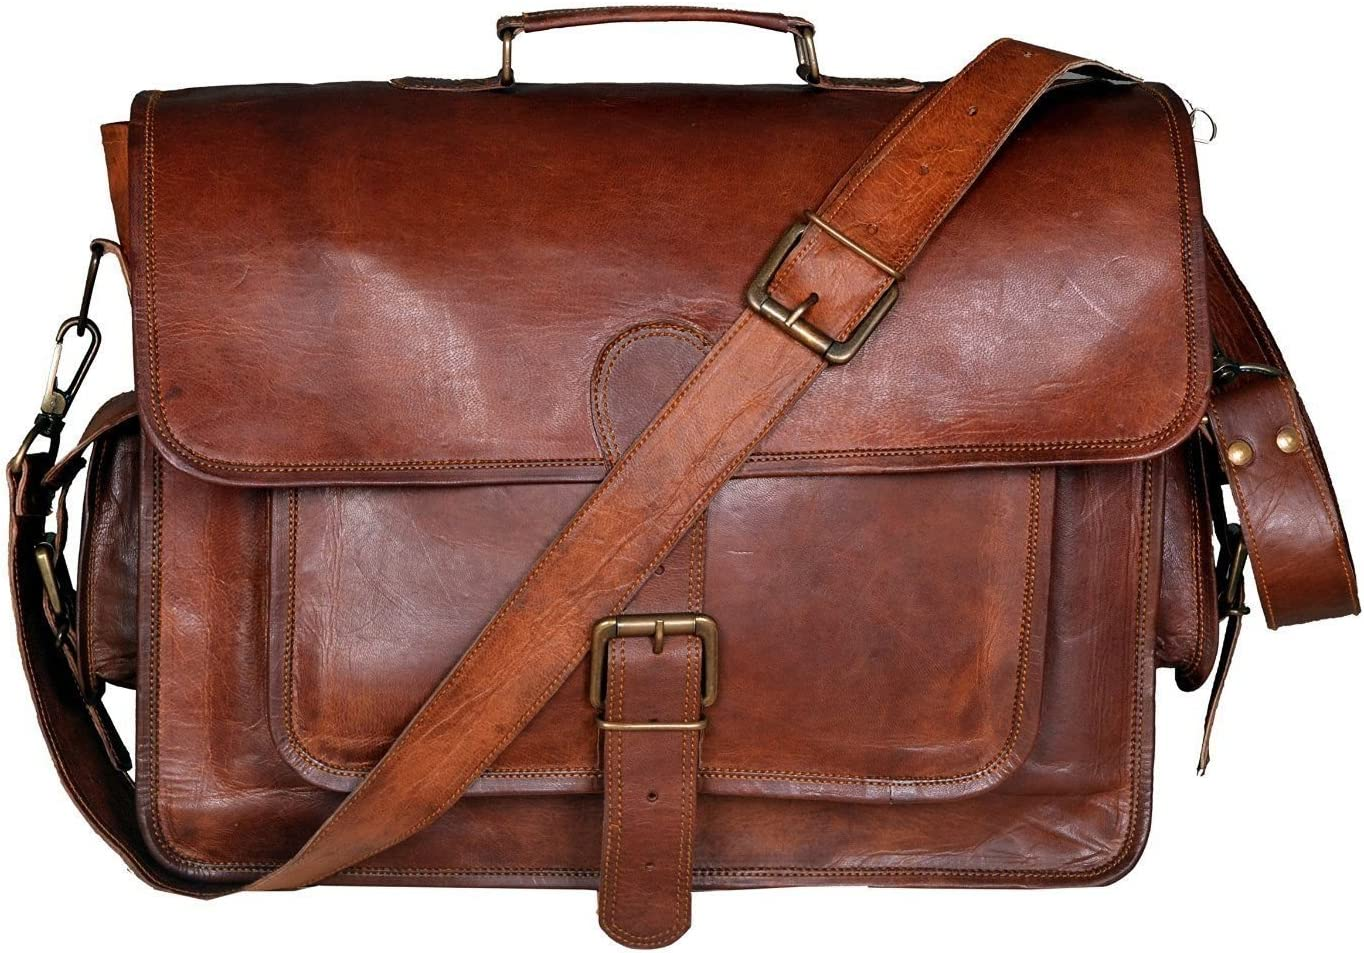 Vintage Leather Messenger Bag 15 Inch Laptop Satchel Crossbody Shoulder bag